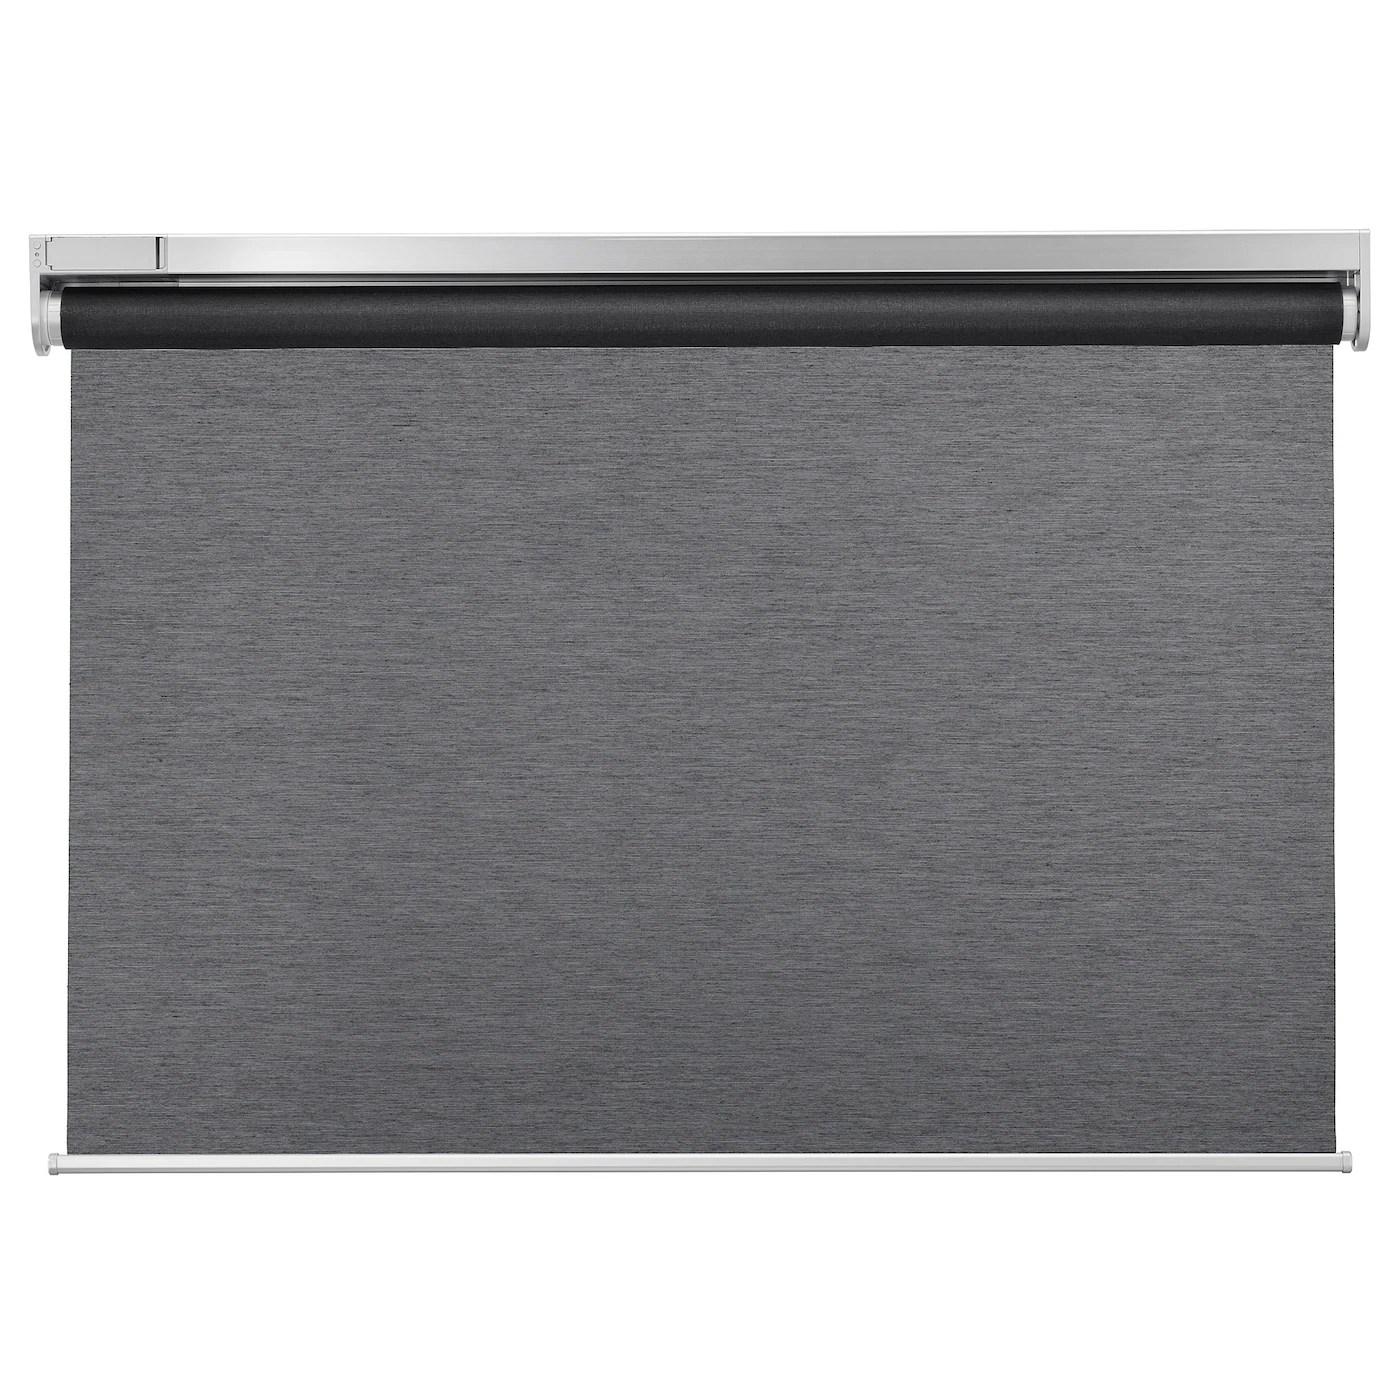 Queste tende sono perfette per l'arredamento soggiorno, ma non preferibili per una cucina Kadrilj Tenda A Rullo Wireless A Batterie Grigio 100x195 Cm Ikea It